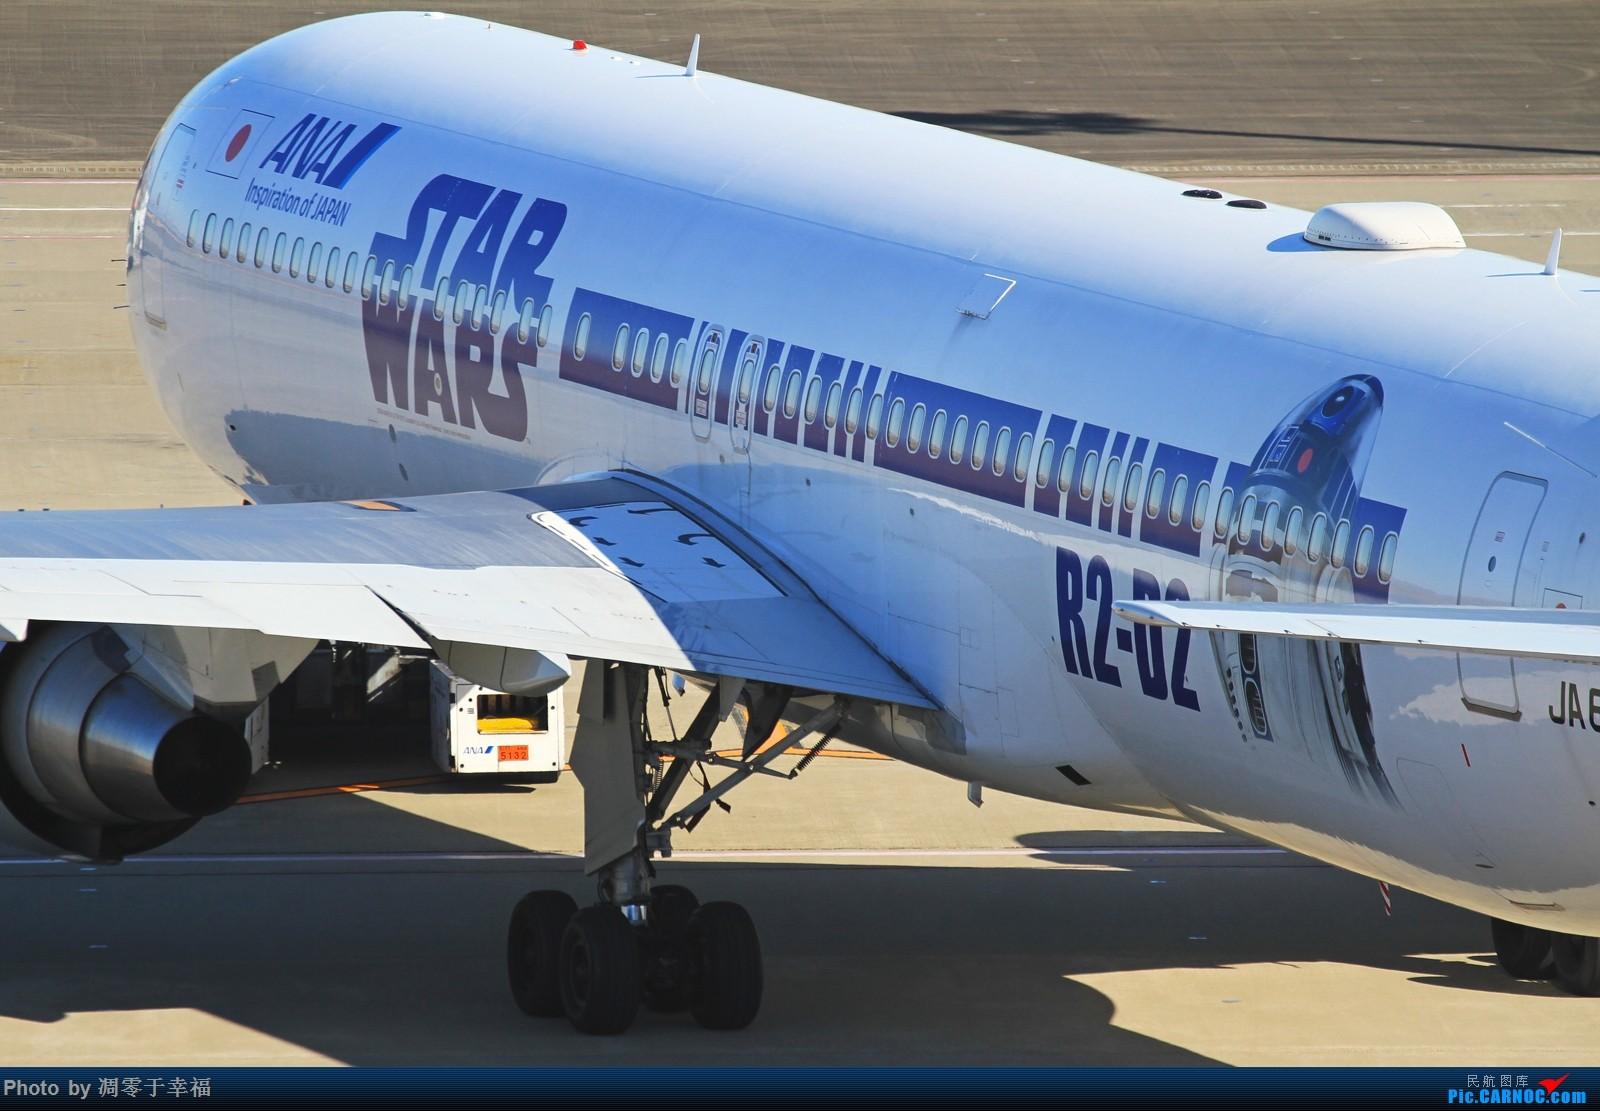 [原创]边走边拍~~ BOEING 767-300ER JA604A 日本东京羽田国际机场